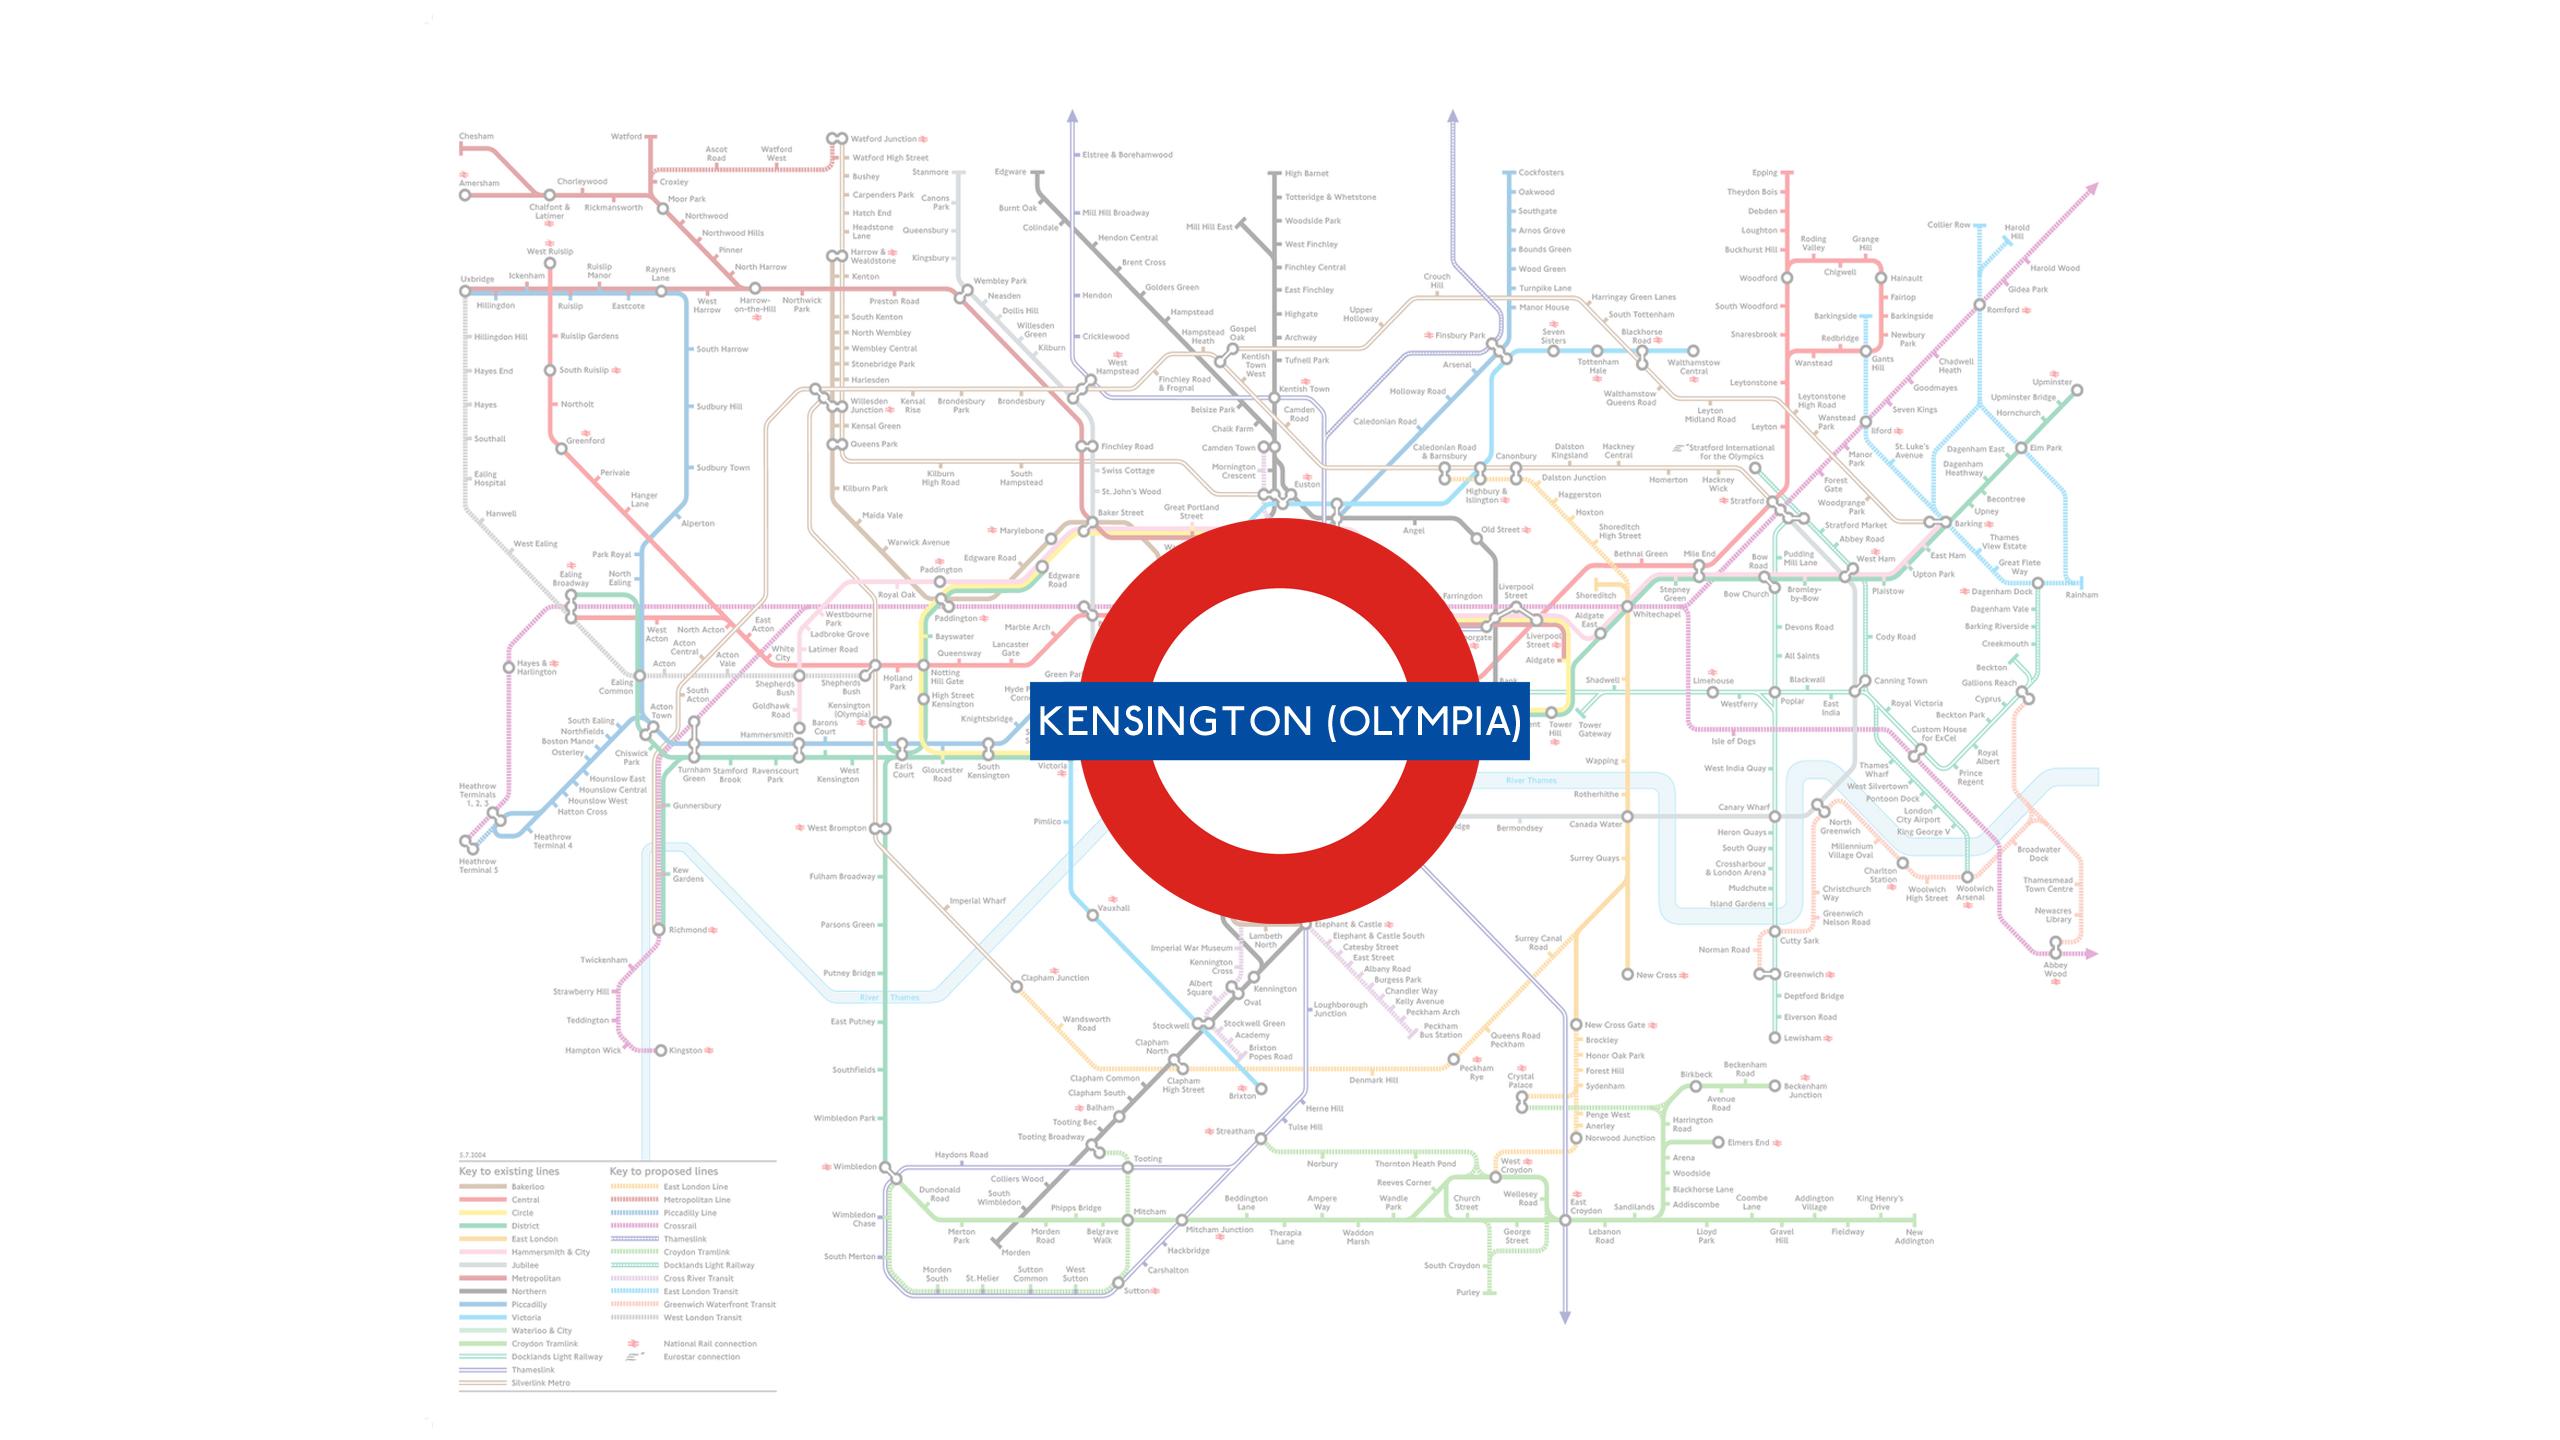 Kensington Olympia (Map)